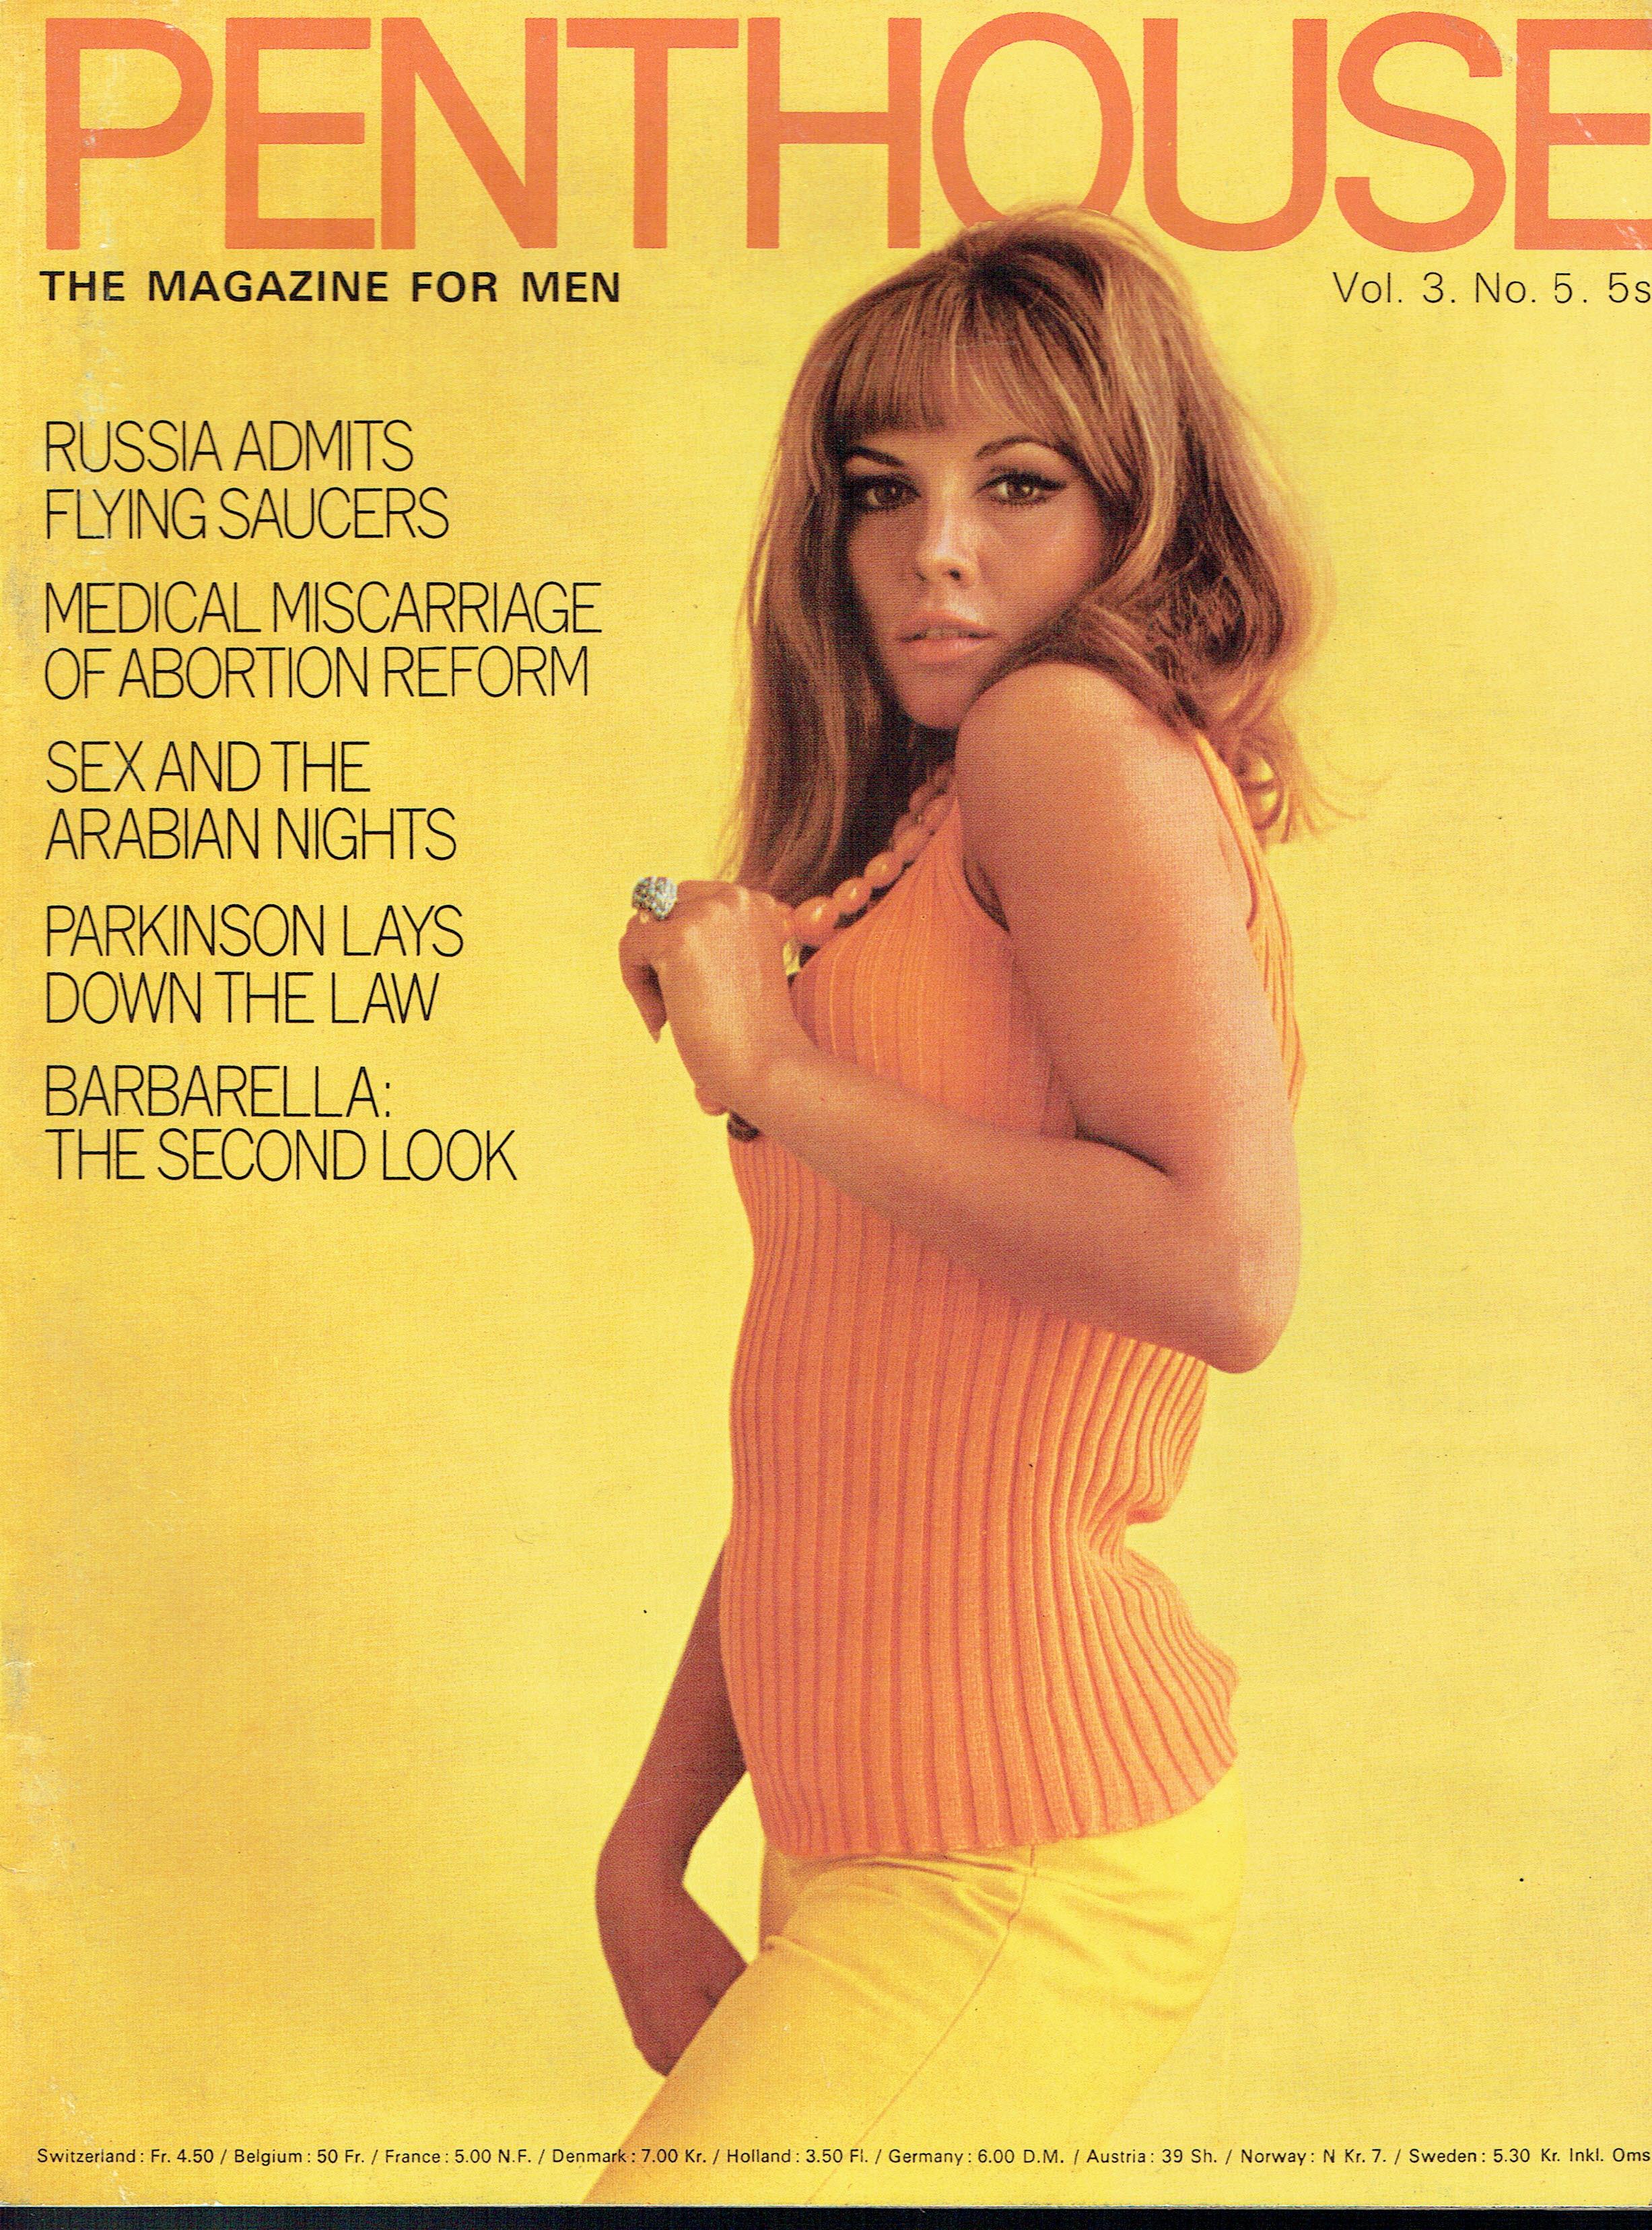 penthouse vintage uk men 39 s magazine 1968 vol 3 no 5 jane fonda barbarella vintage and modern. Black Bedroom Furniture Sets. Home Design Ideas